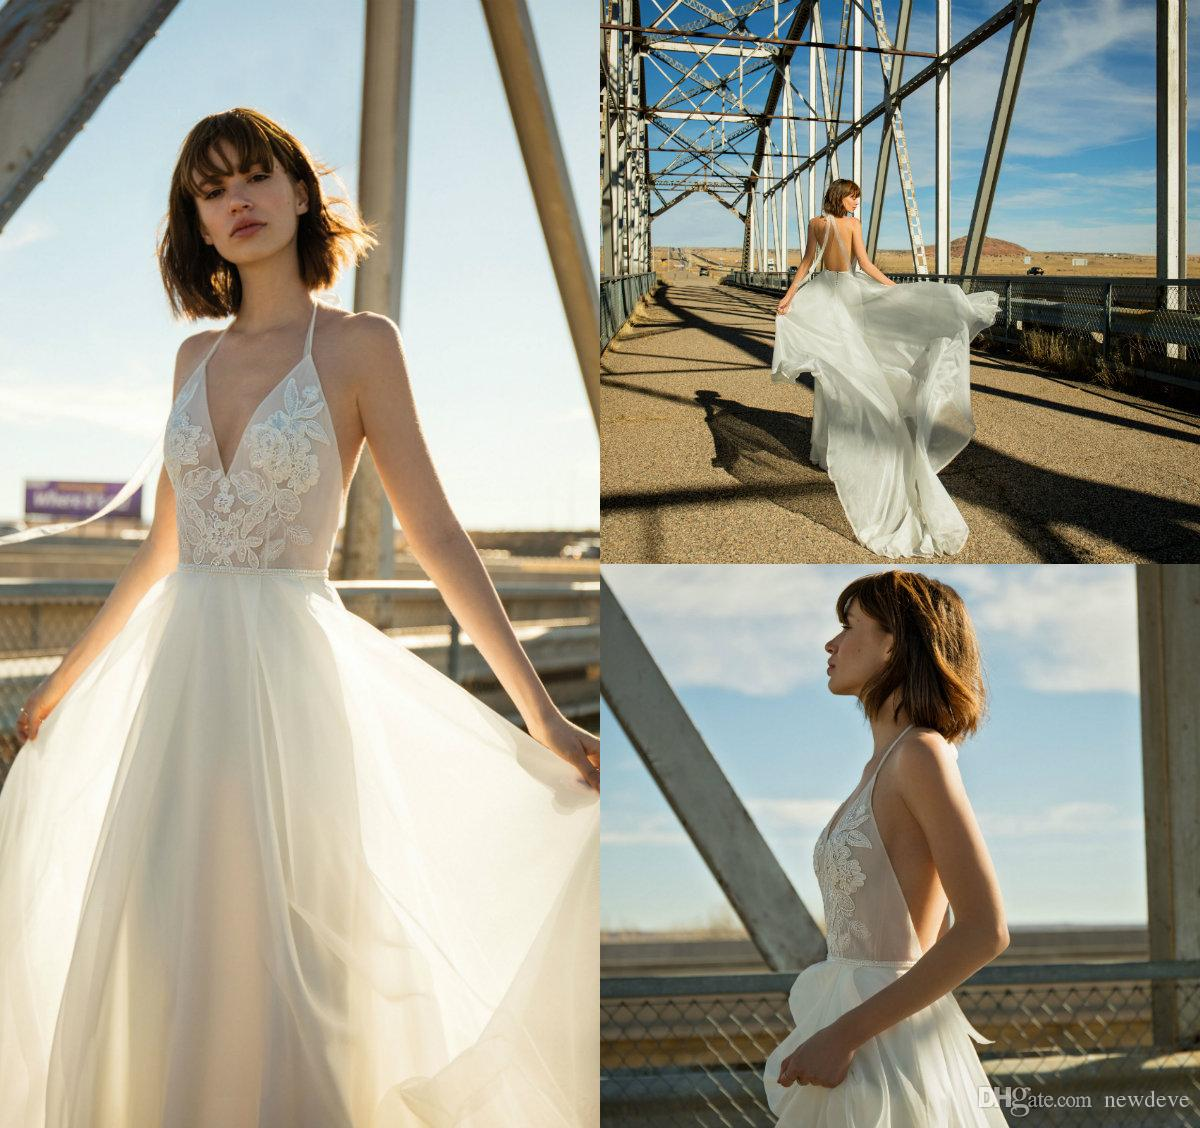 Dhgate Wedding Dress Reviews - raveitsafe